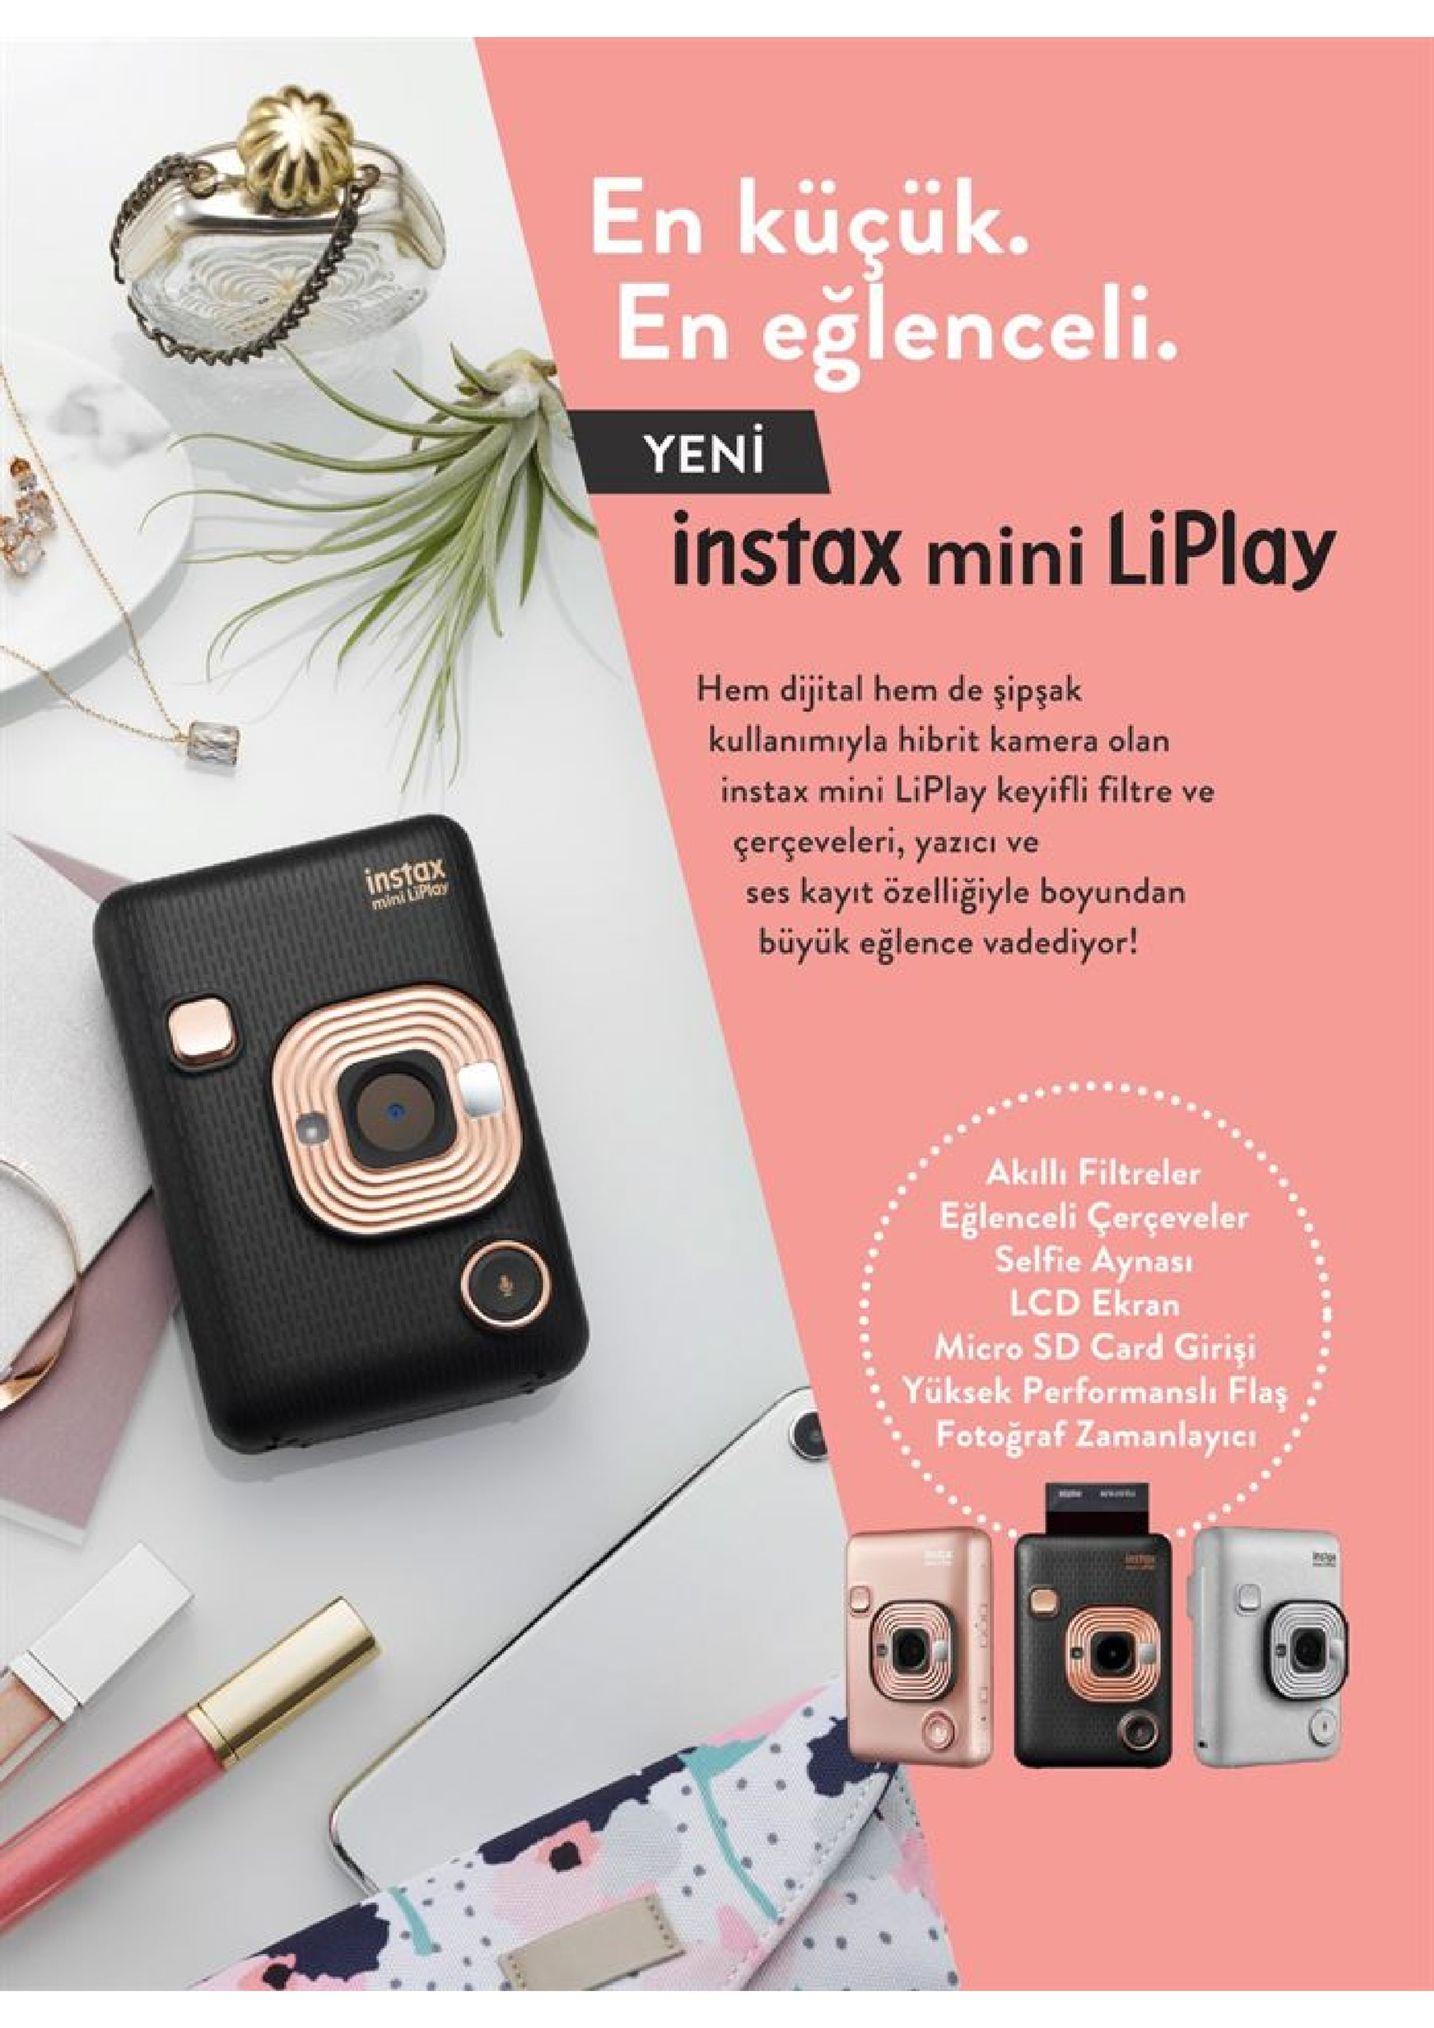 en küçük. en eğlenceli. yeni instax mini liplay hem dijital hem de şipşak kullanımıyla hibrit kamera olan instax mini liplay keyifli filtre ve çerçeveleri, yazıci ve kayıt özelliğiyle boyundan büyük eğlence vadediyor! instax mini lipian ses akılli filtreler eğlenceli çerçeveler selfie aynası lcd ekran micro sd card girişi yüksek performanslı flaş fotoğraf zamanlayie www